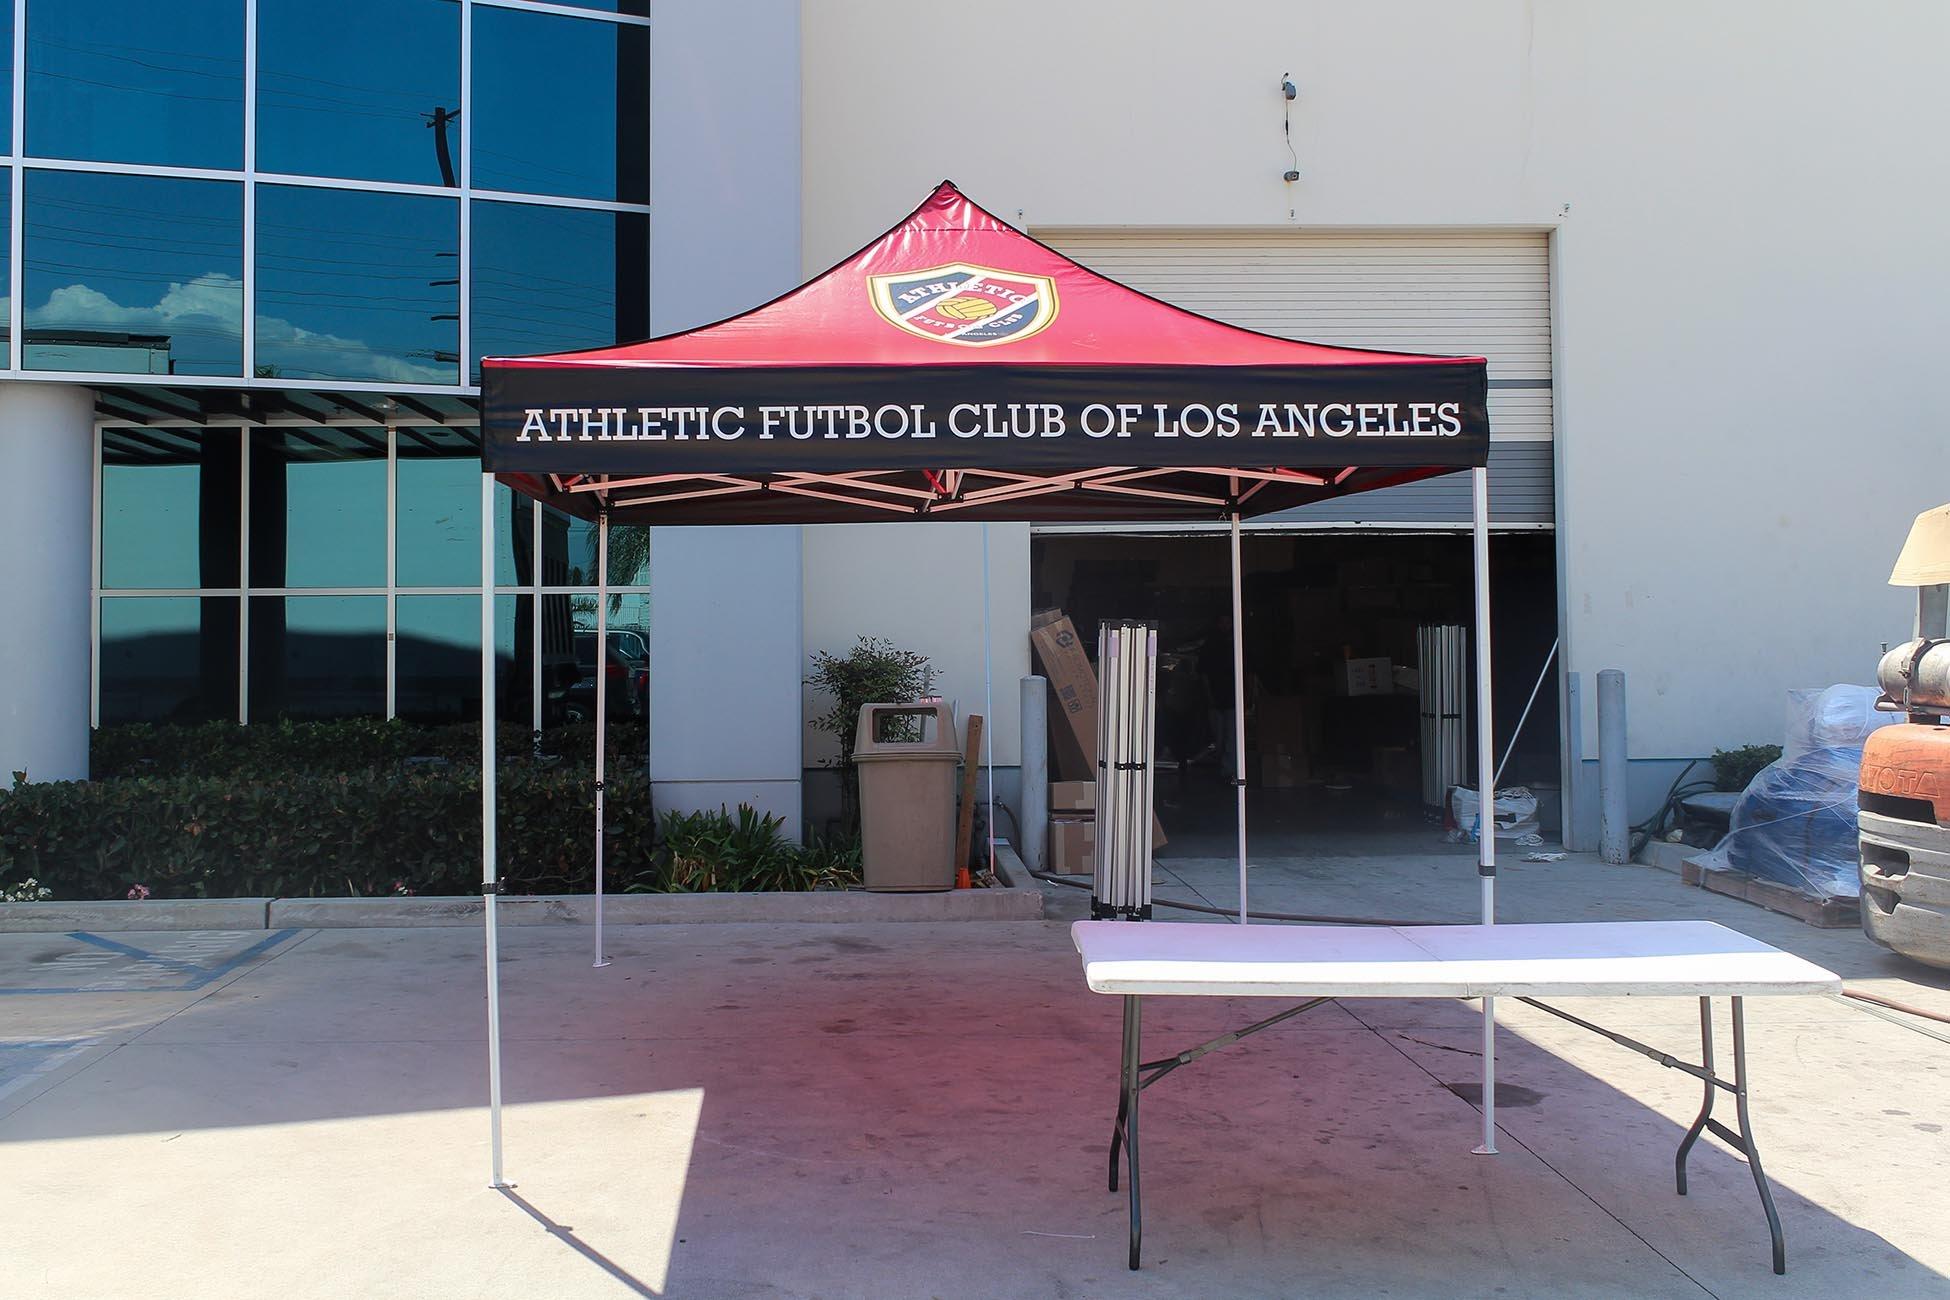 athletic-futbol-club-of-los-angeles-canopy